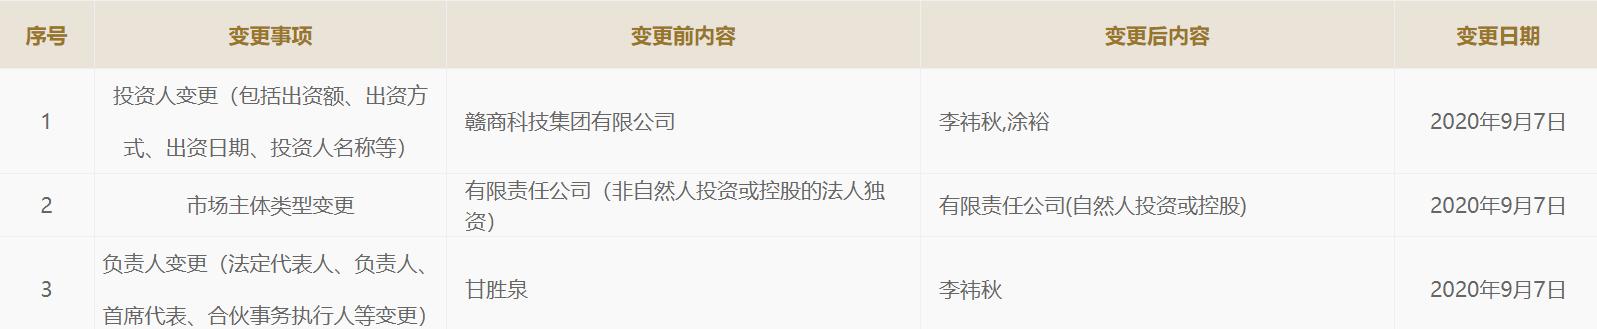 江西赛维何去何从?重整两年后甘胜泉退出股权,仍在寻求上市图片